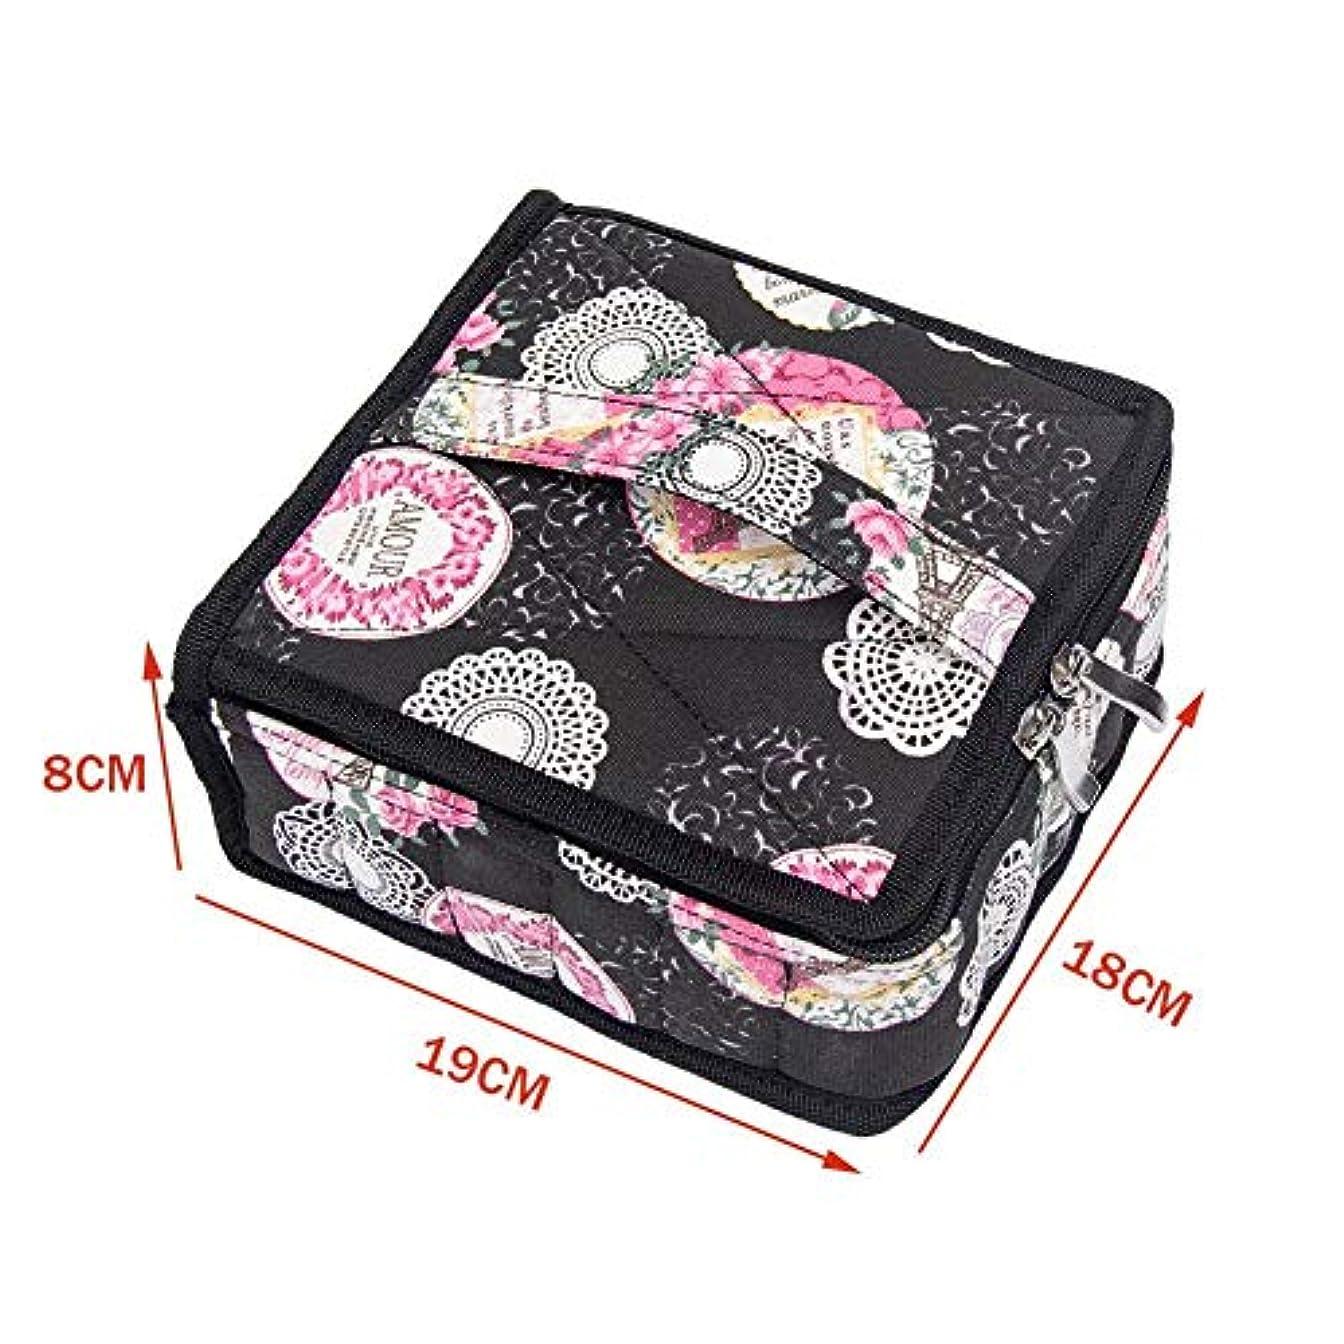 最小化する後継なめらかPursue エッセンシャルオイル収納ケース アロマオイル収納ボックス アロマポーチ収納ケース 耐震 携帯便利 香水収納ポーチ 化粧ポーチ30本用